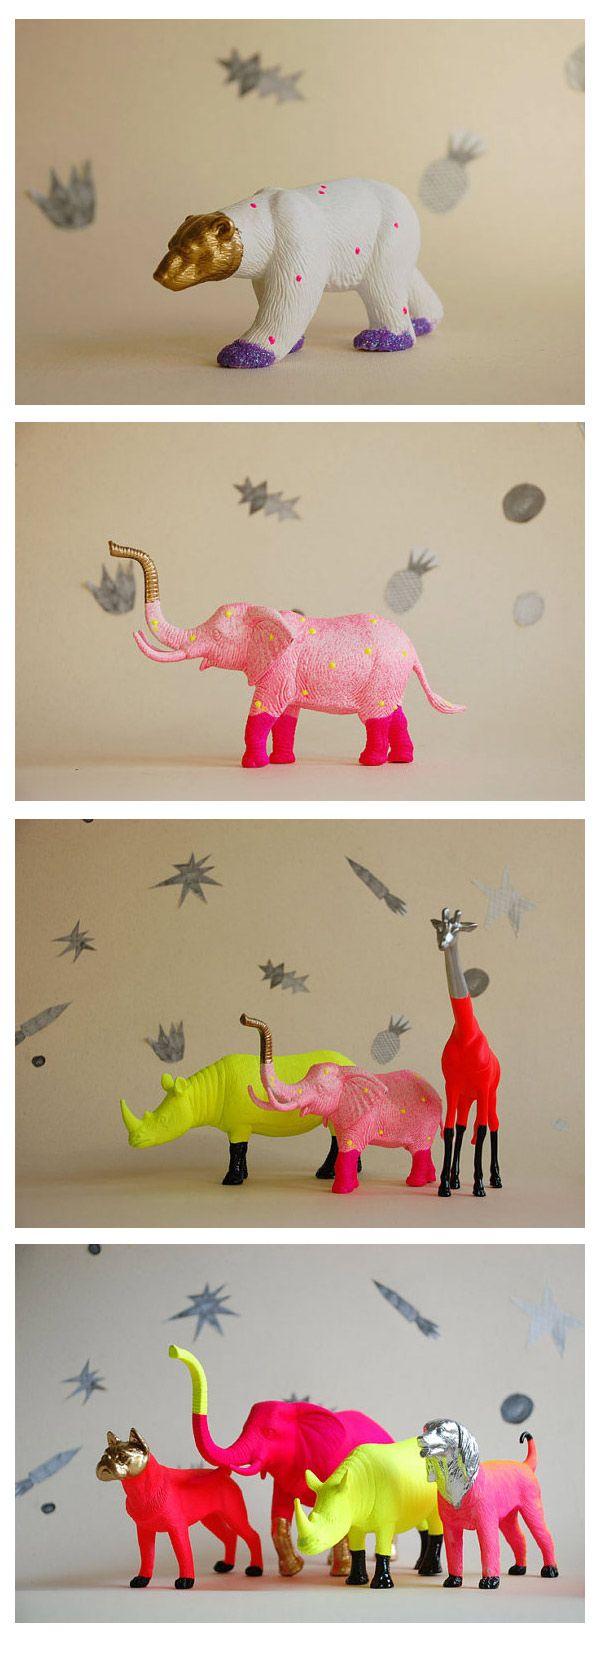 DIY activity - paint plastic animals in fun colors!